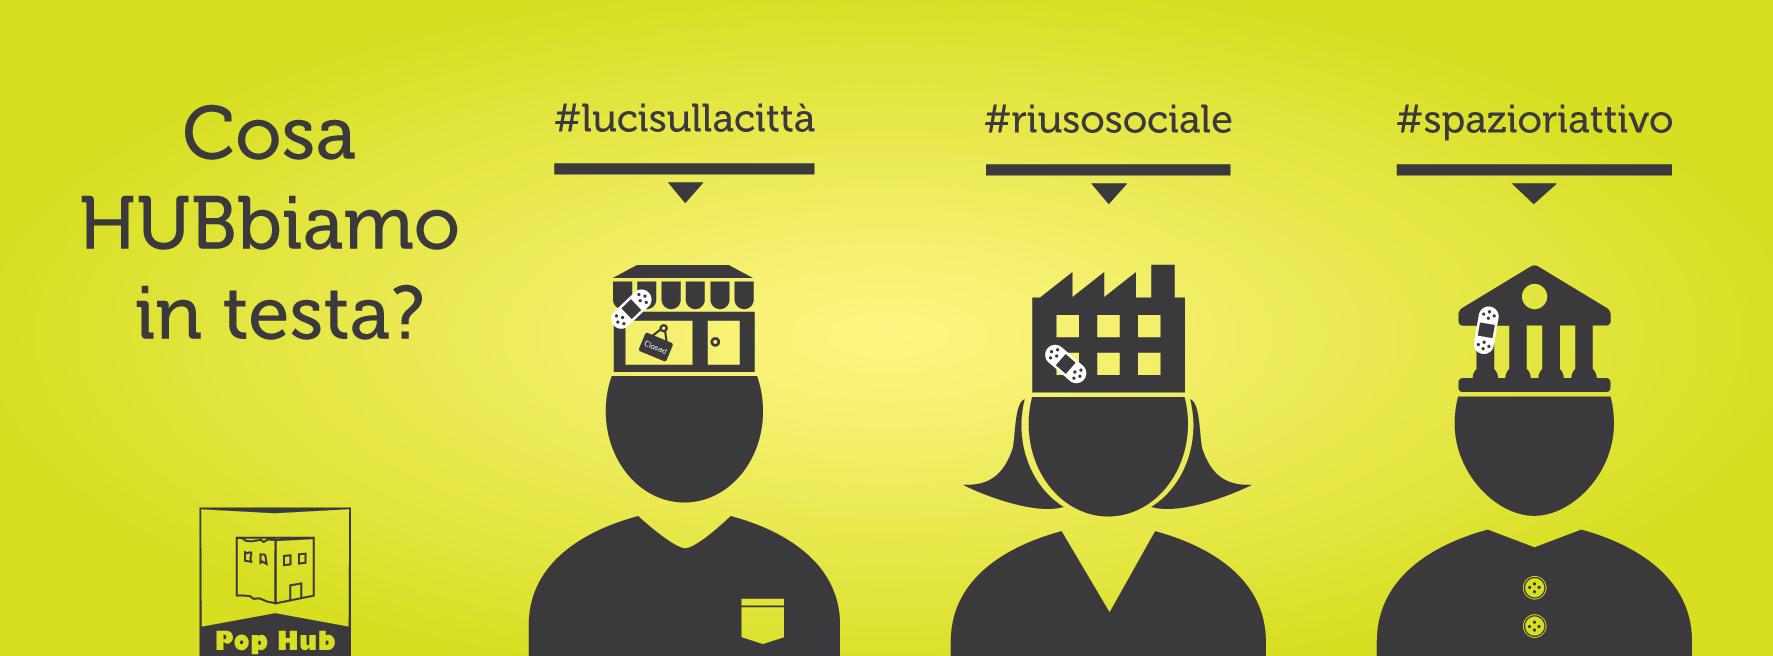 Campagna teasing copertina social gialla per Pop Hub – Grafica e illustrazioni